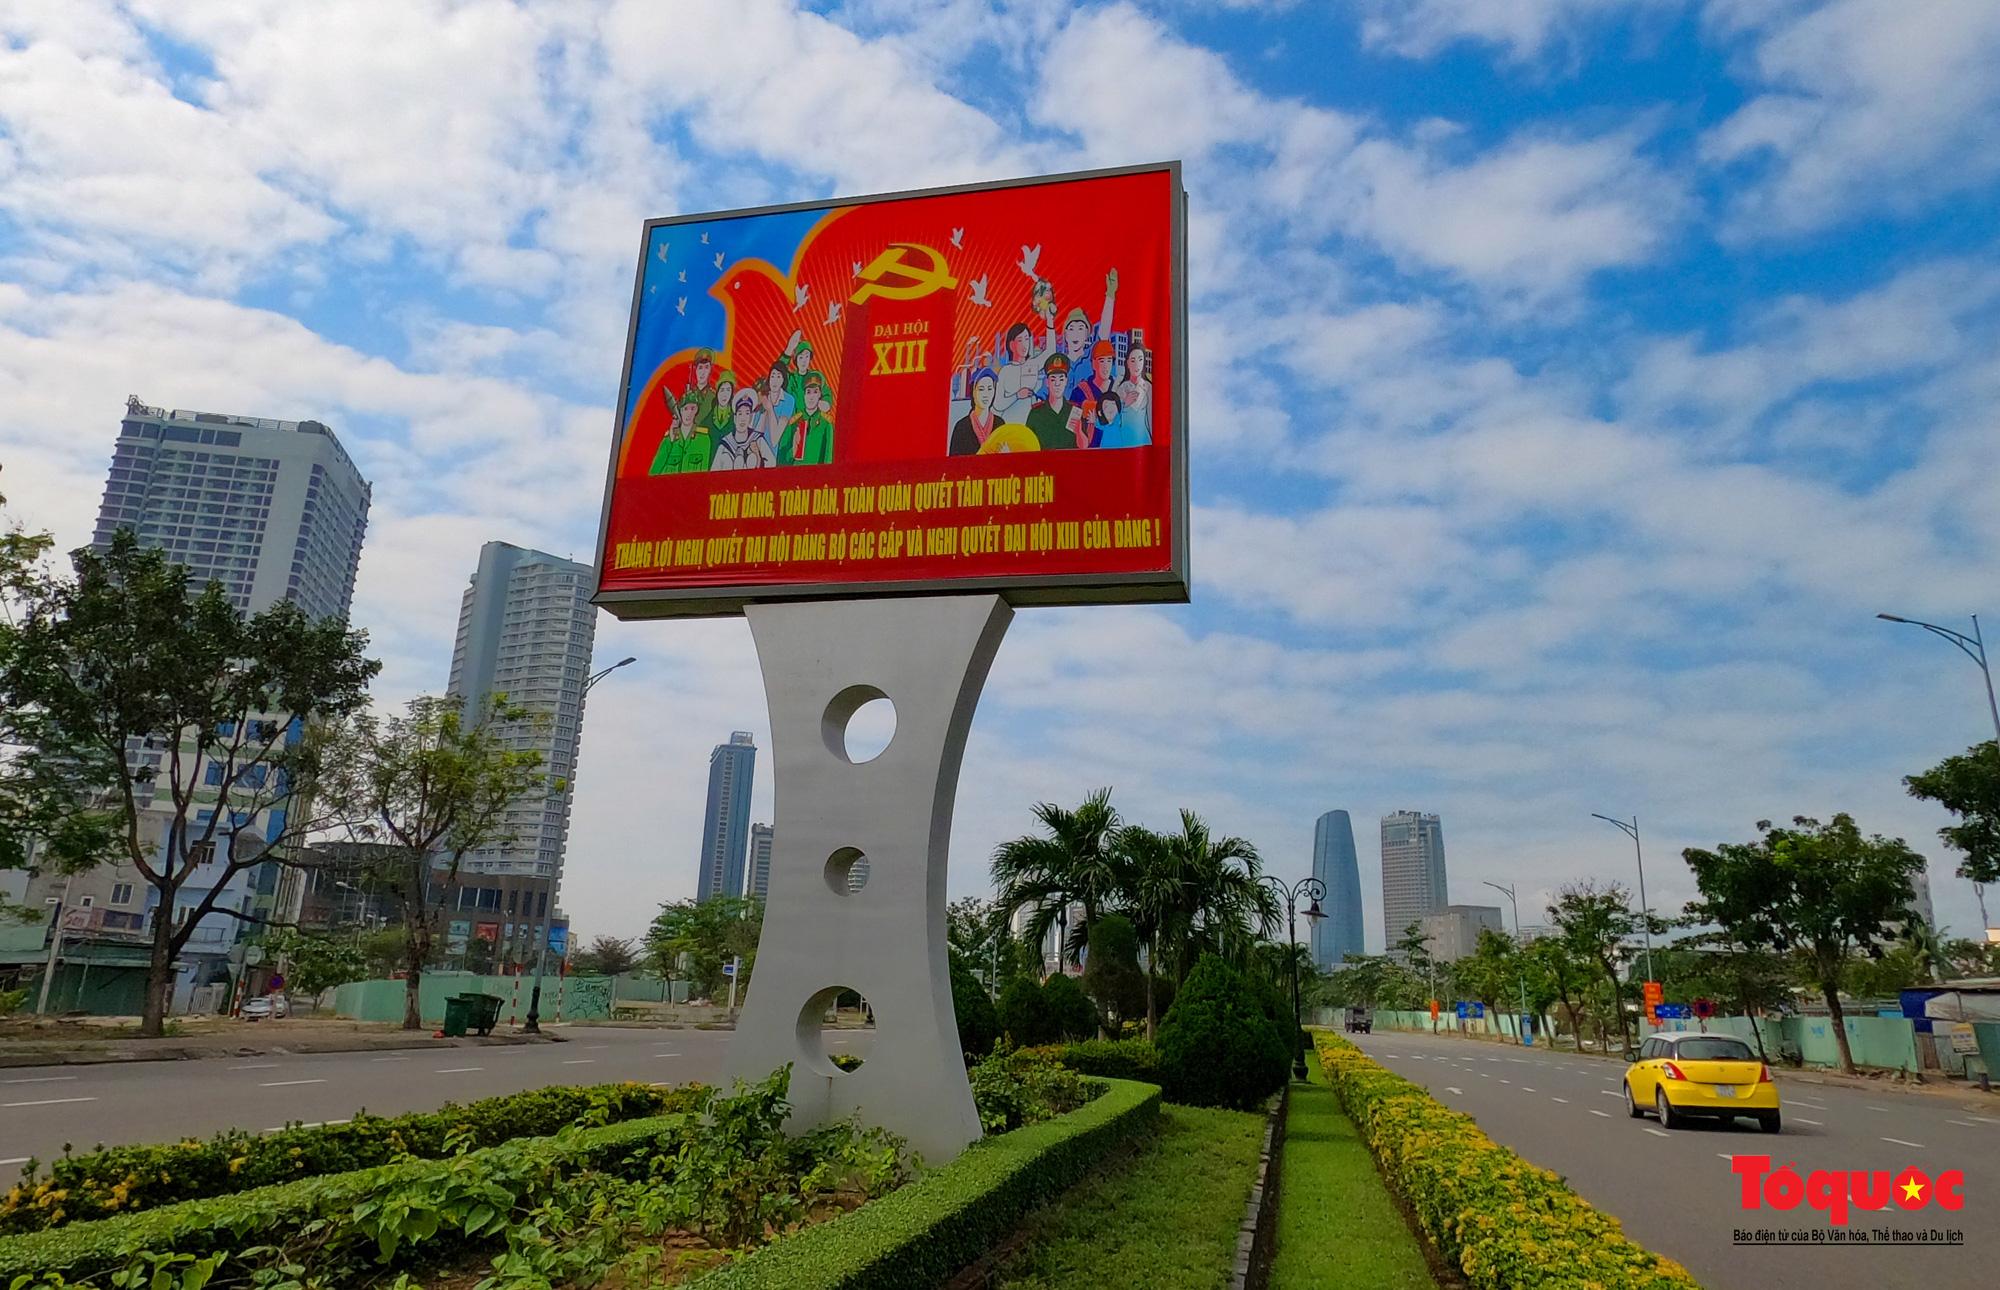 Cả nước rực rỡ cờ hoa chào mừng Đại hội Đảng lần thứ XIII - Ảnh 7.